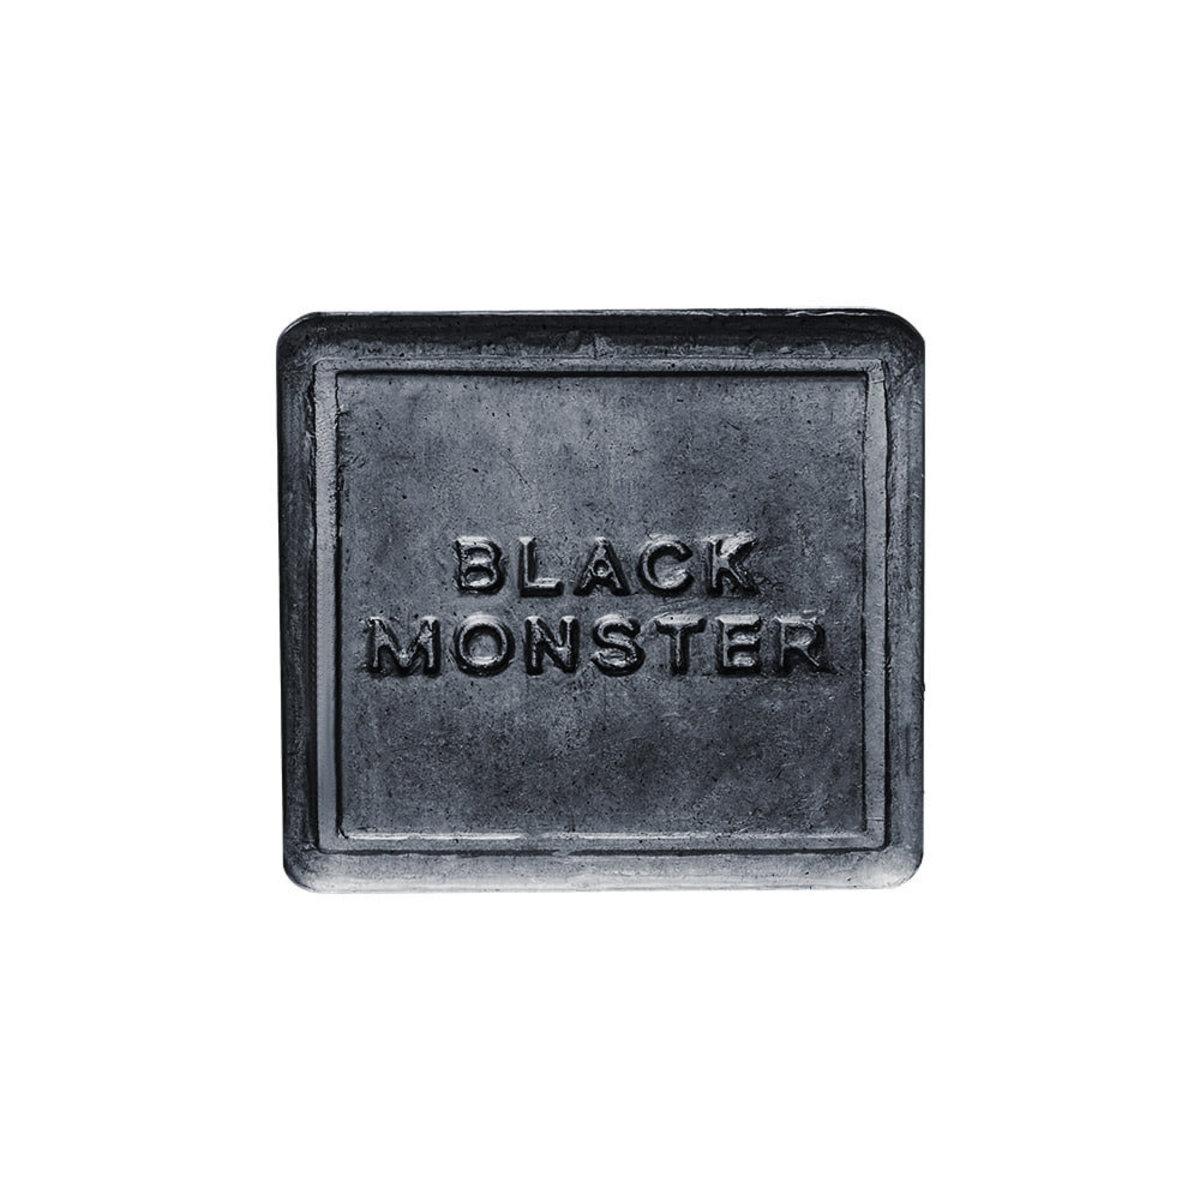 男士黑鹽香氛皂 (平行進口)